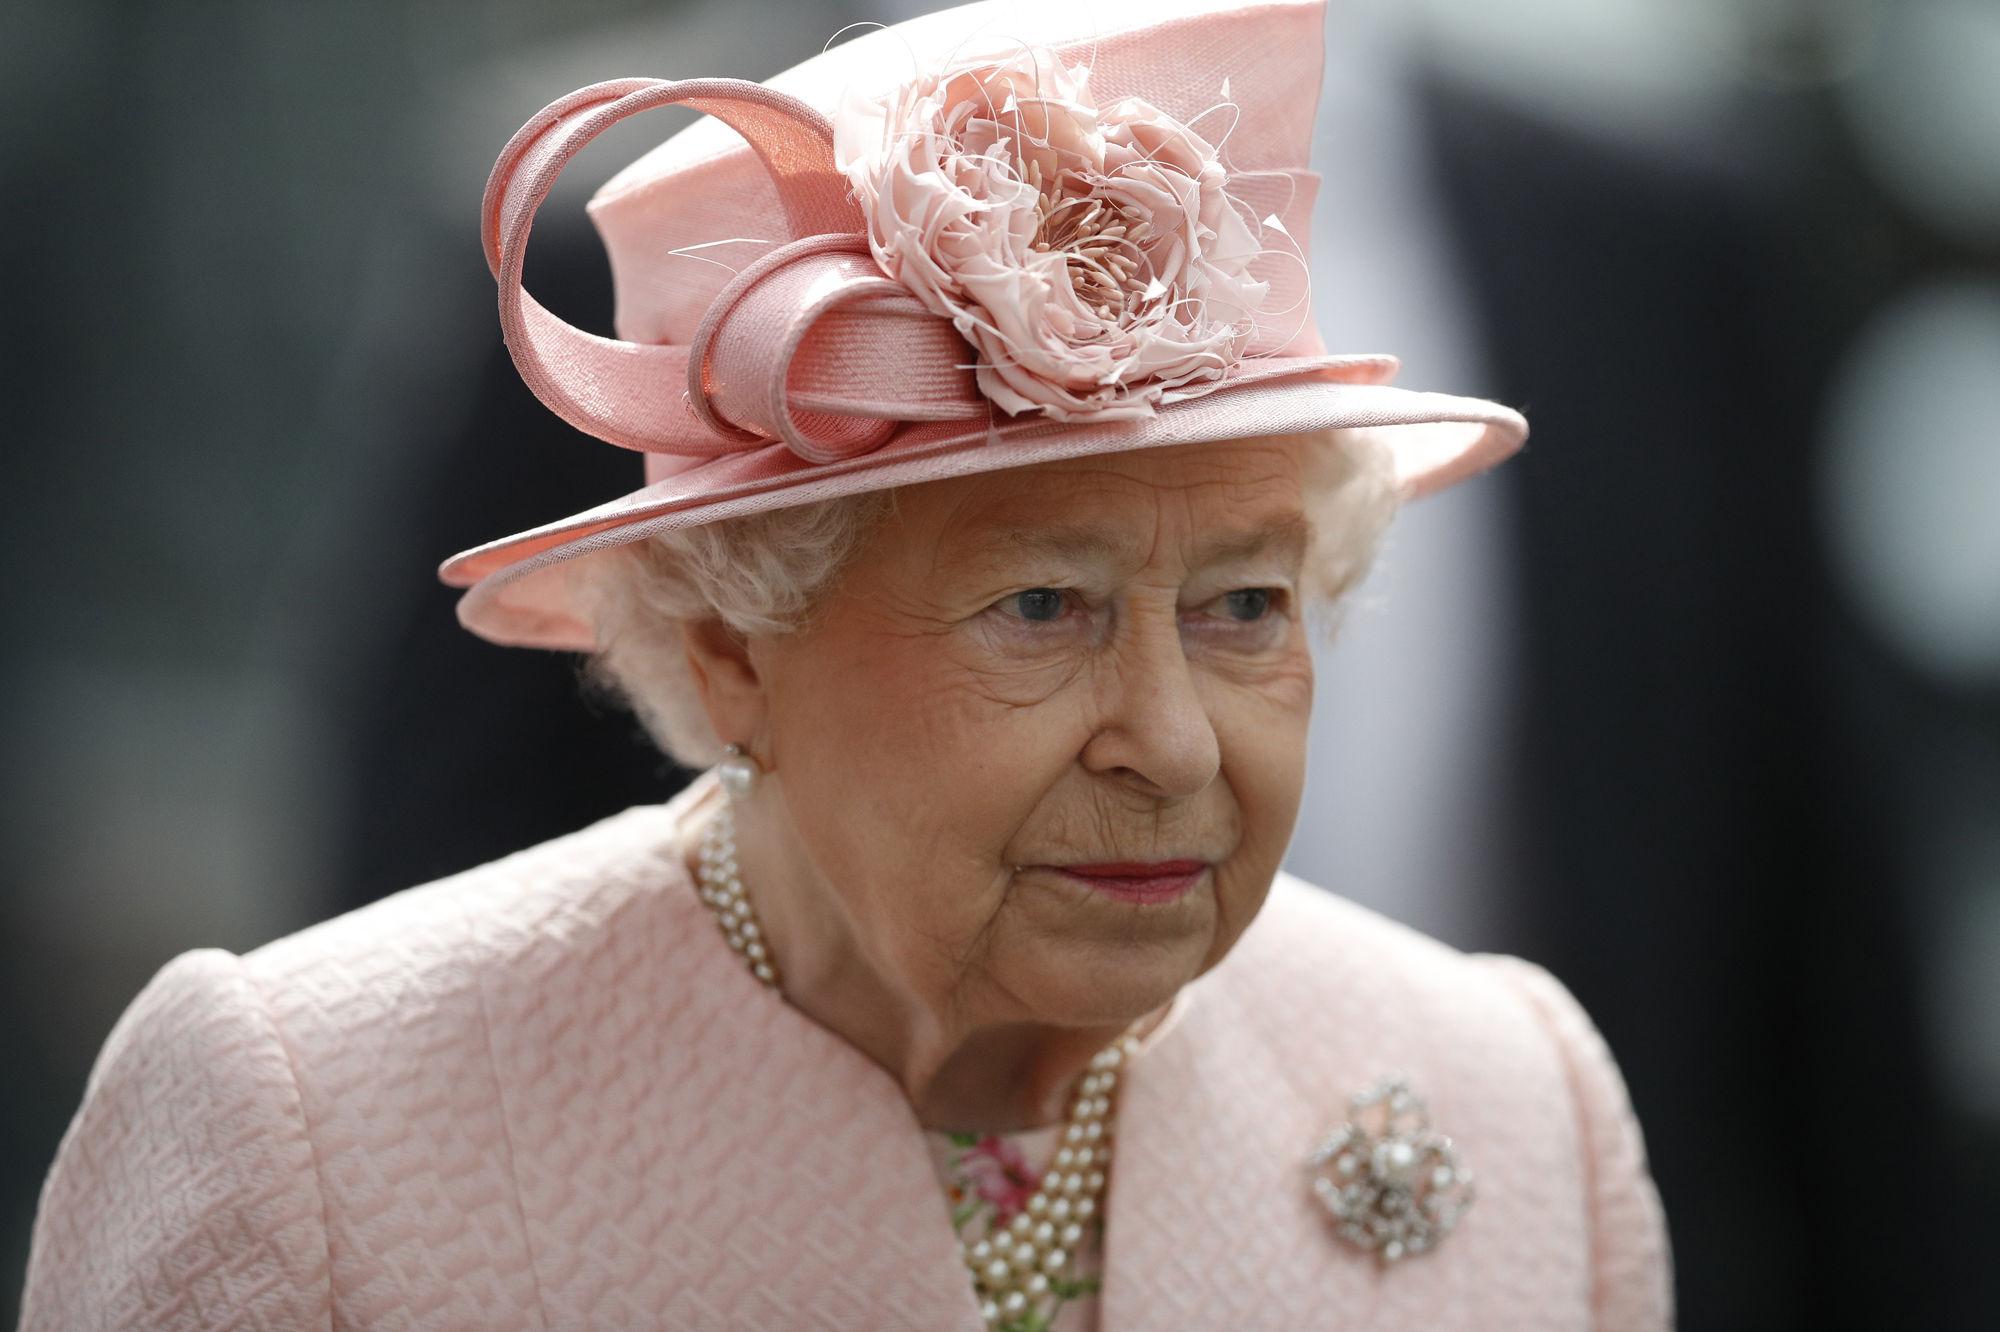 La Reine d'Angleterre a failli être assassinée